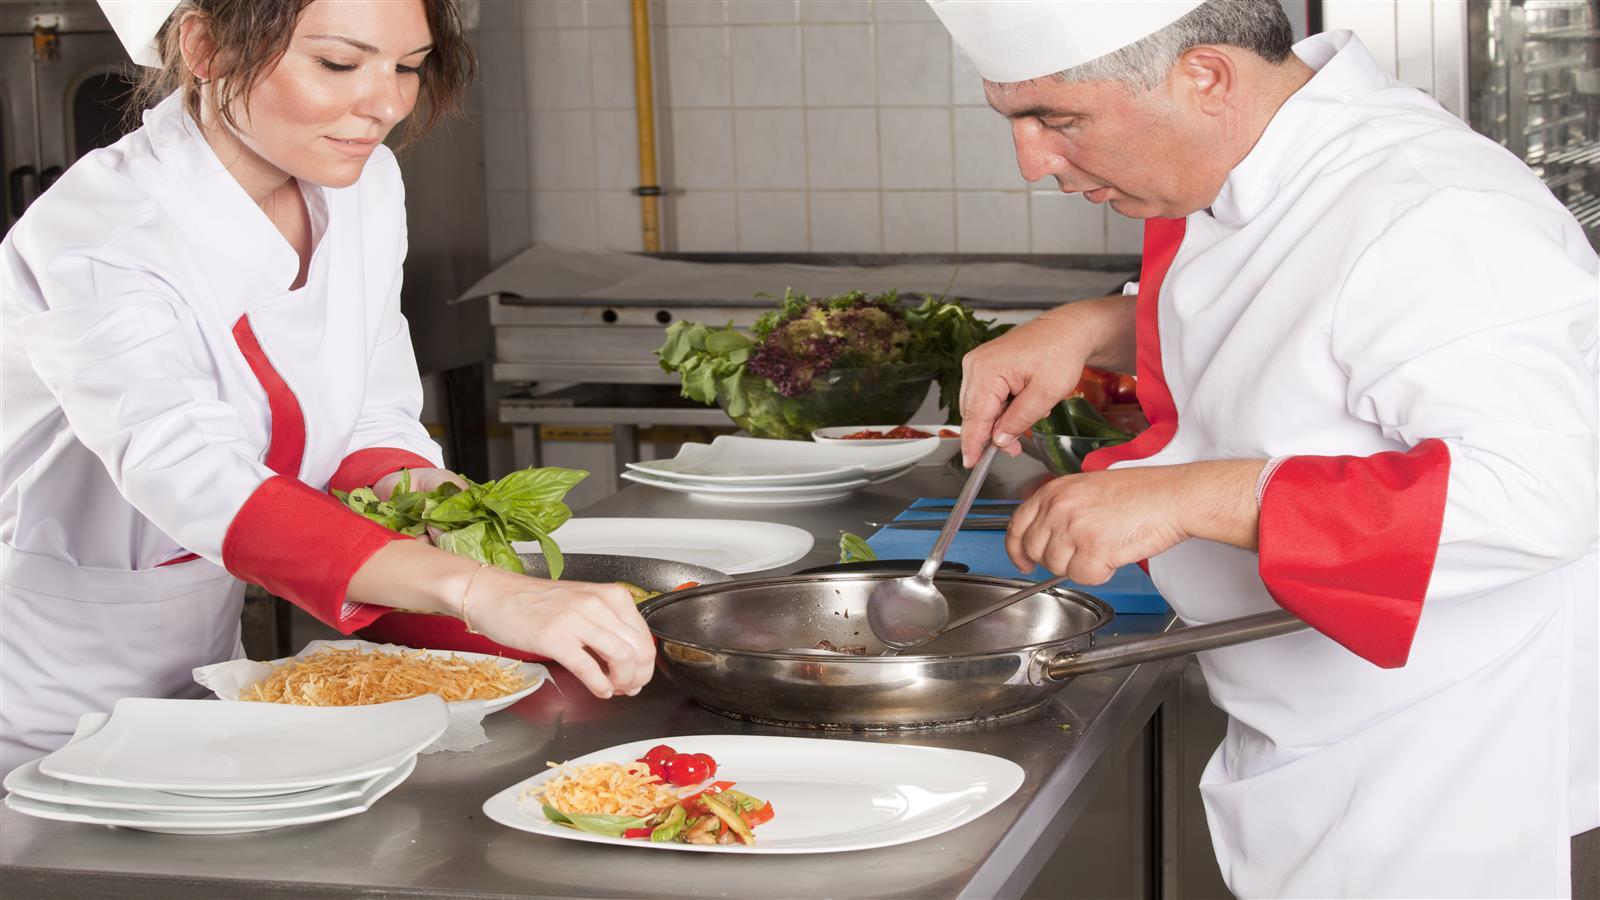 Percorsi e corsi di cucina bologna food valley travel - Corsi di cucina gratuiti bologna ...